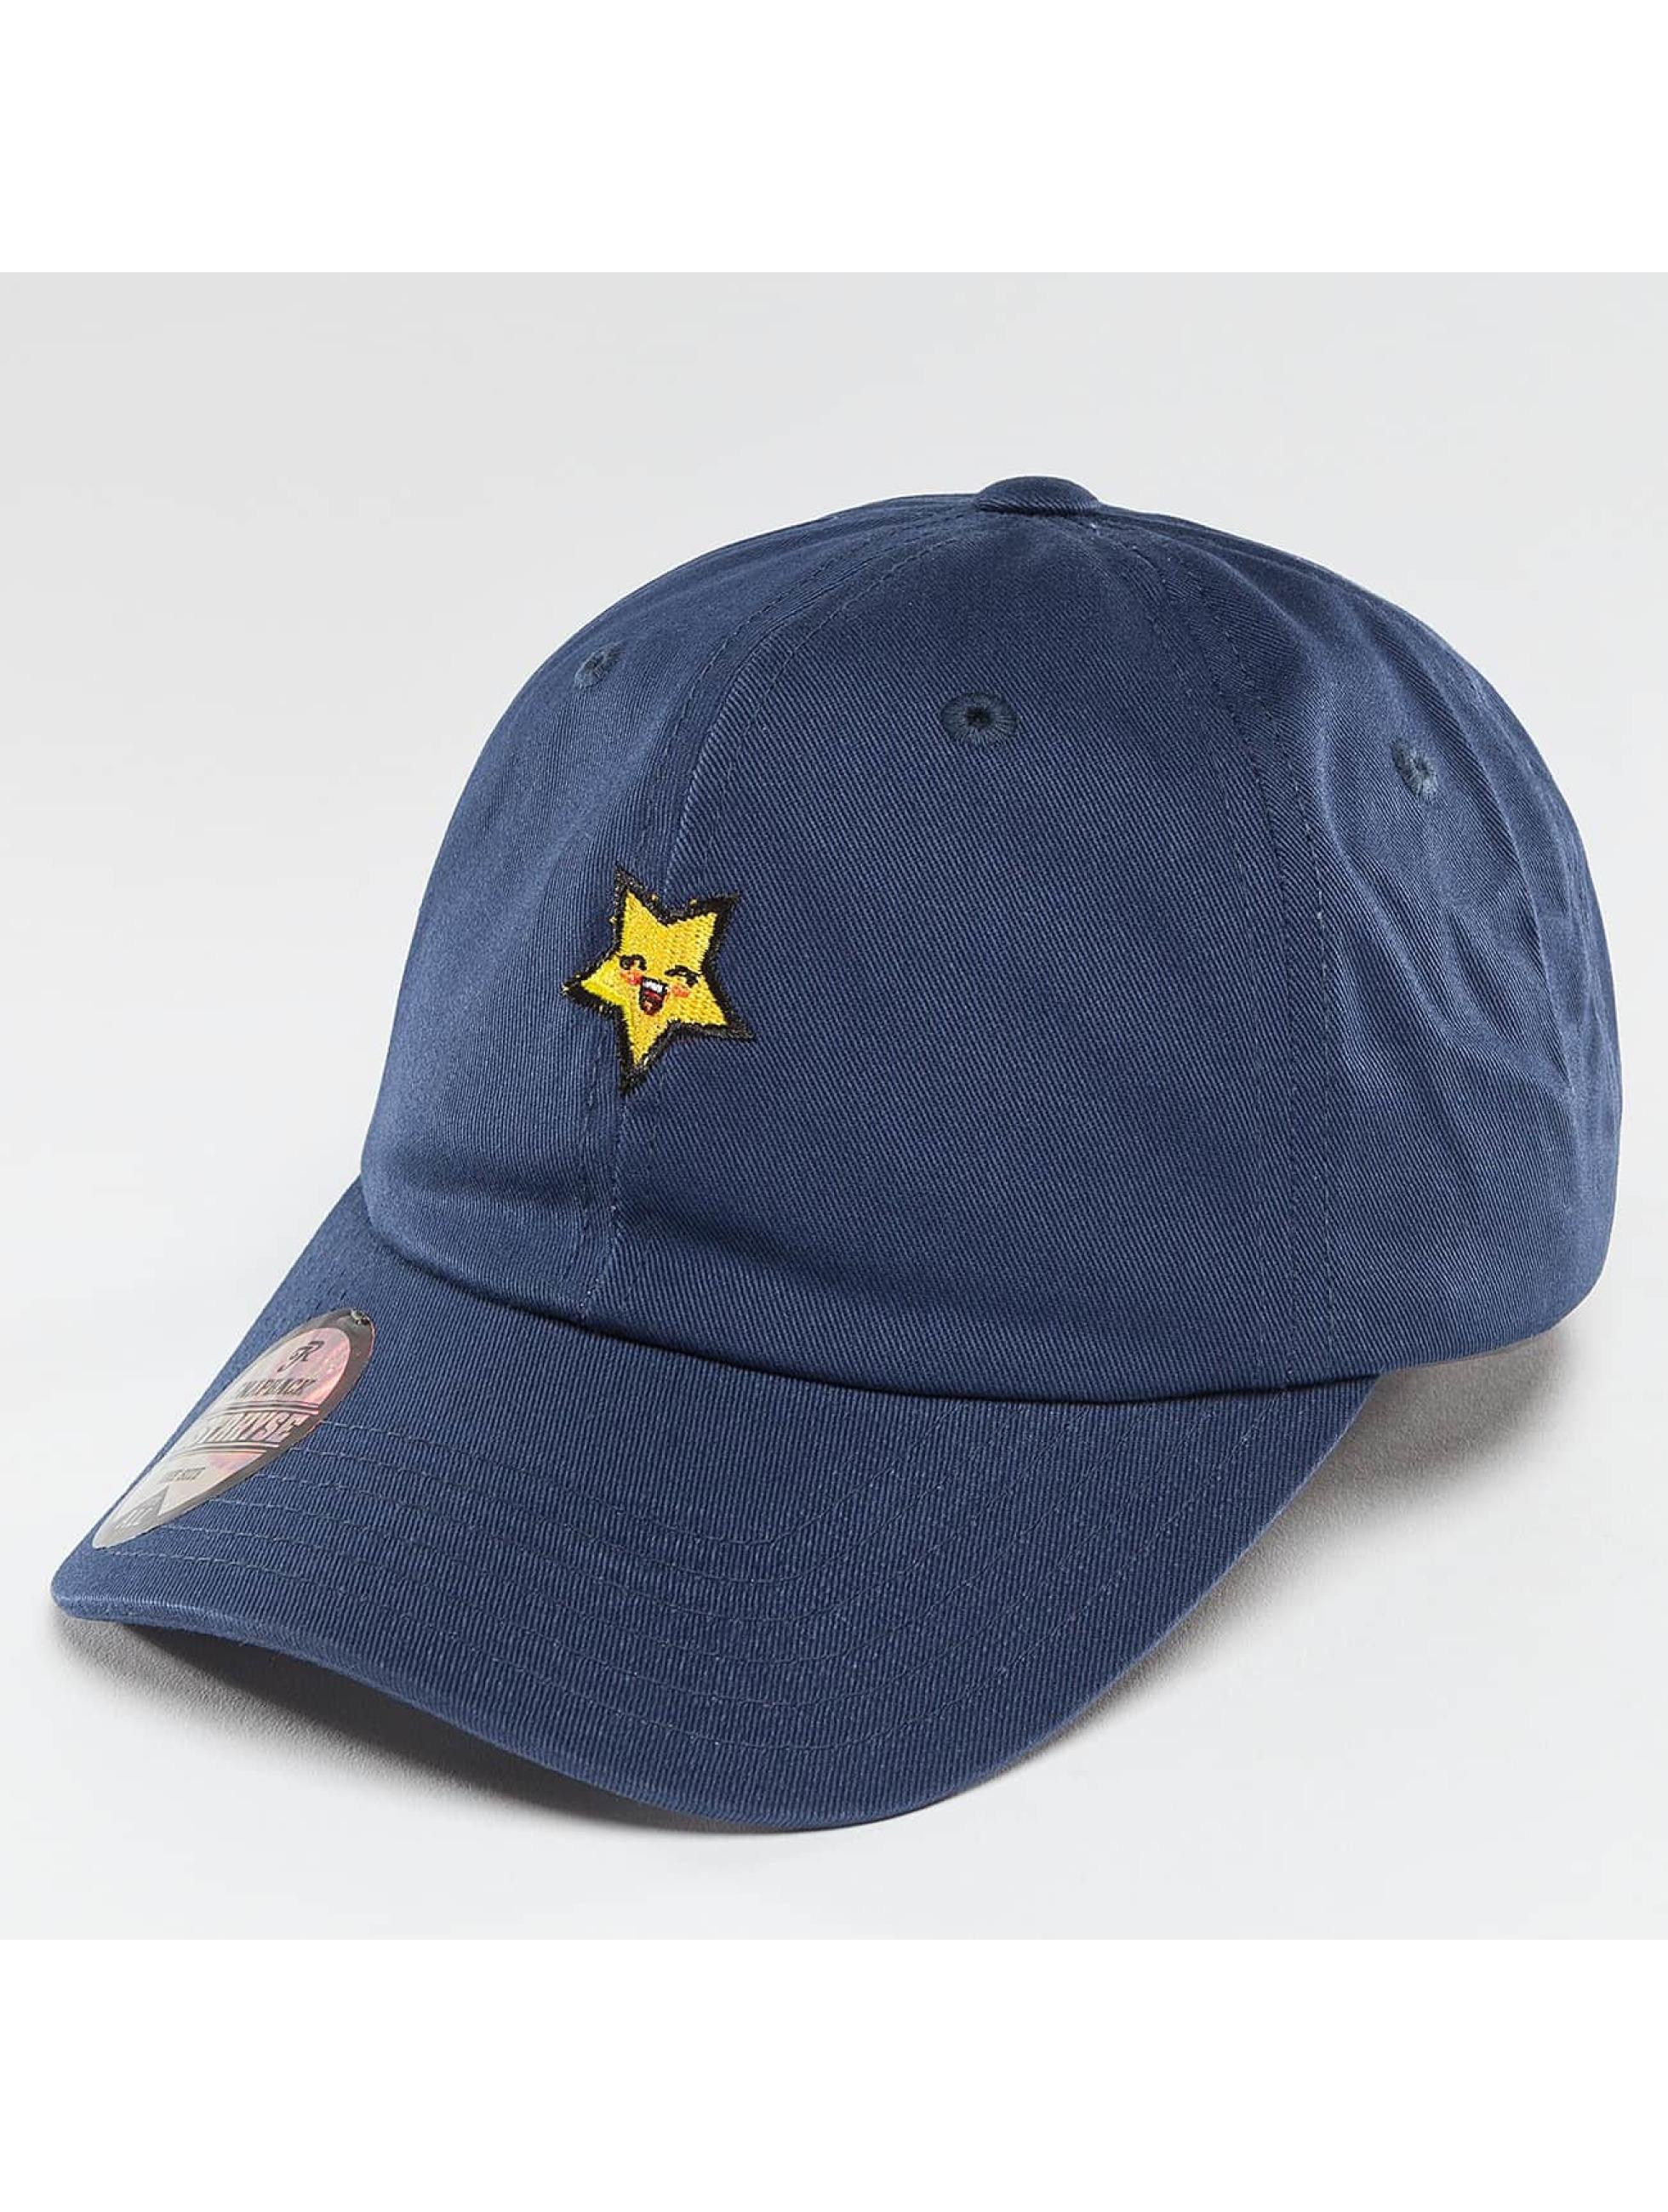 Groß Gaglow Angebote Just Rhyse Männer,Frauen Snapback Cap Star in blau